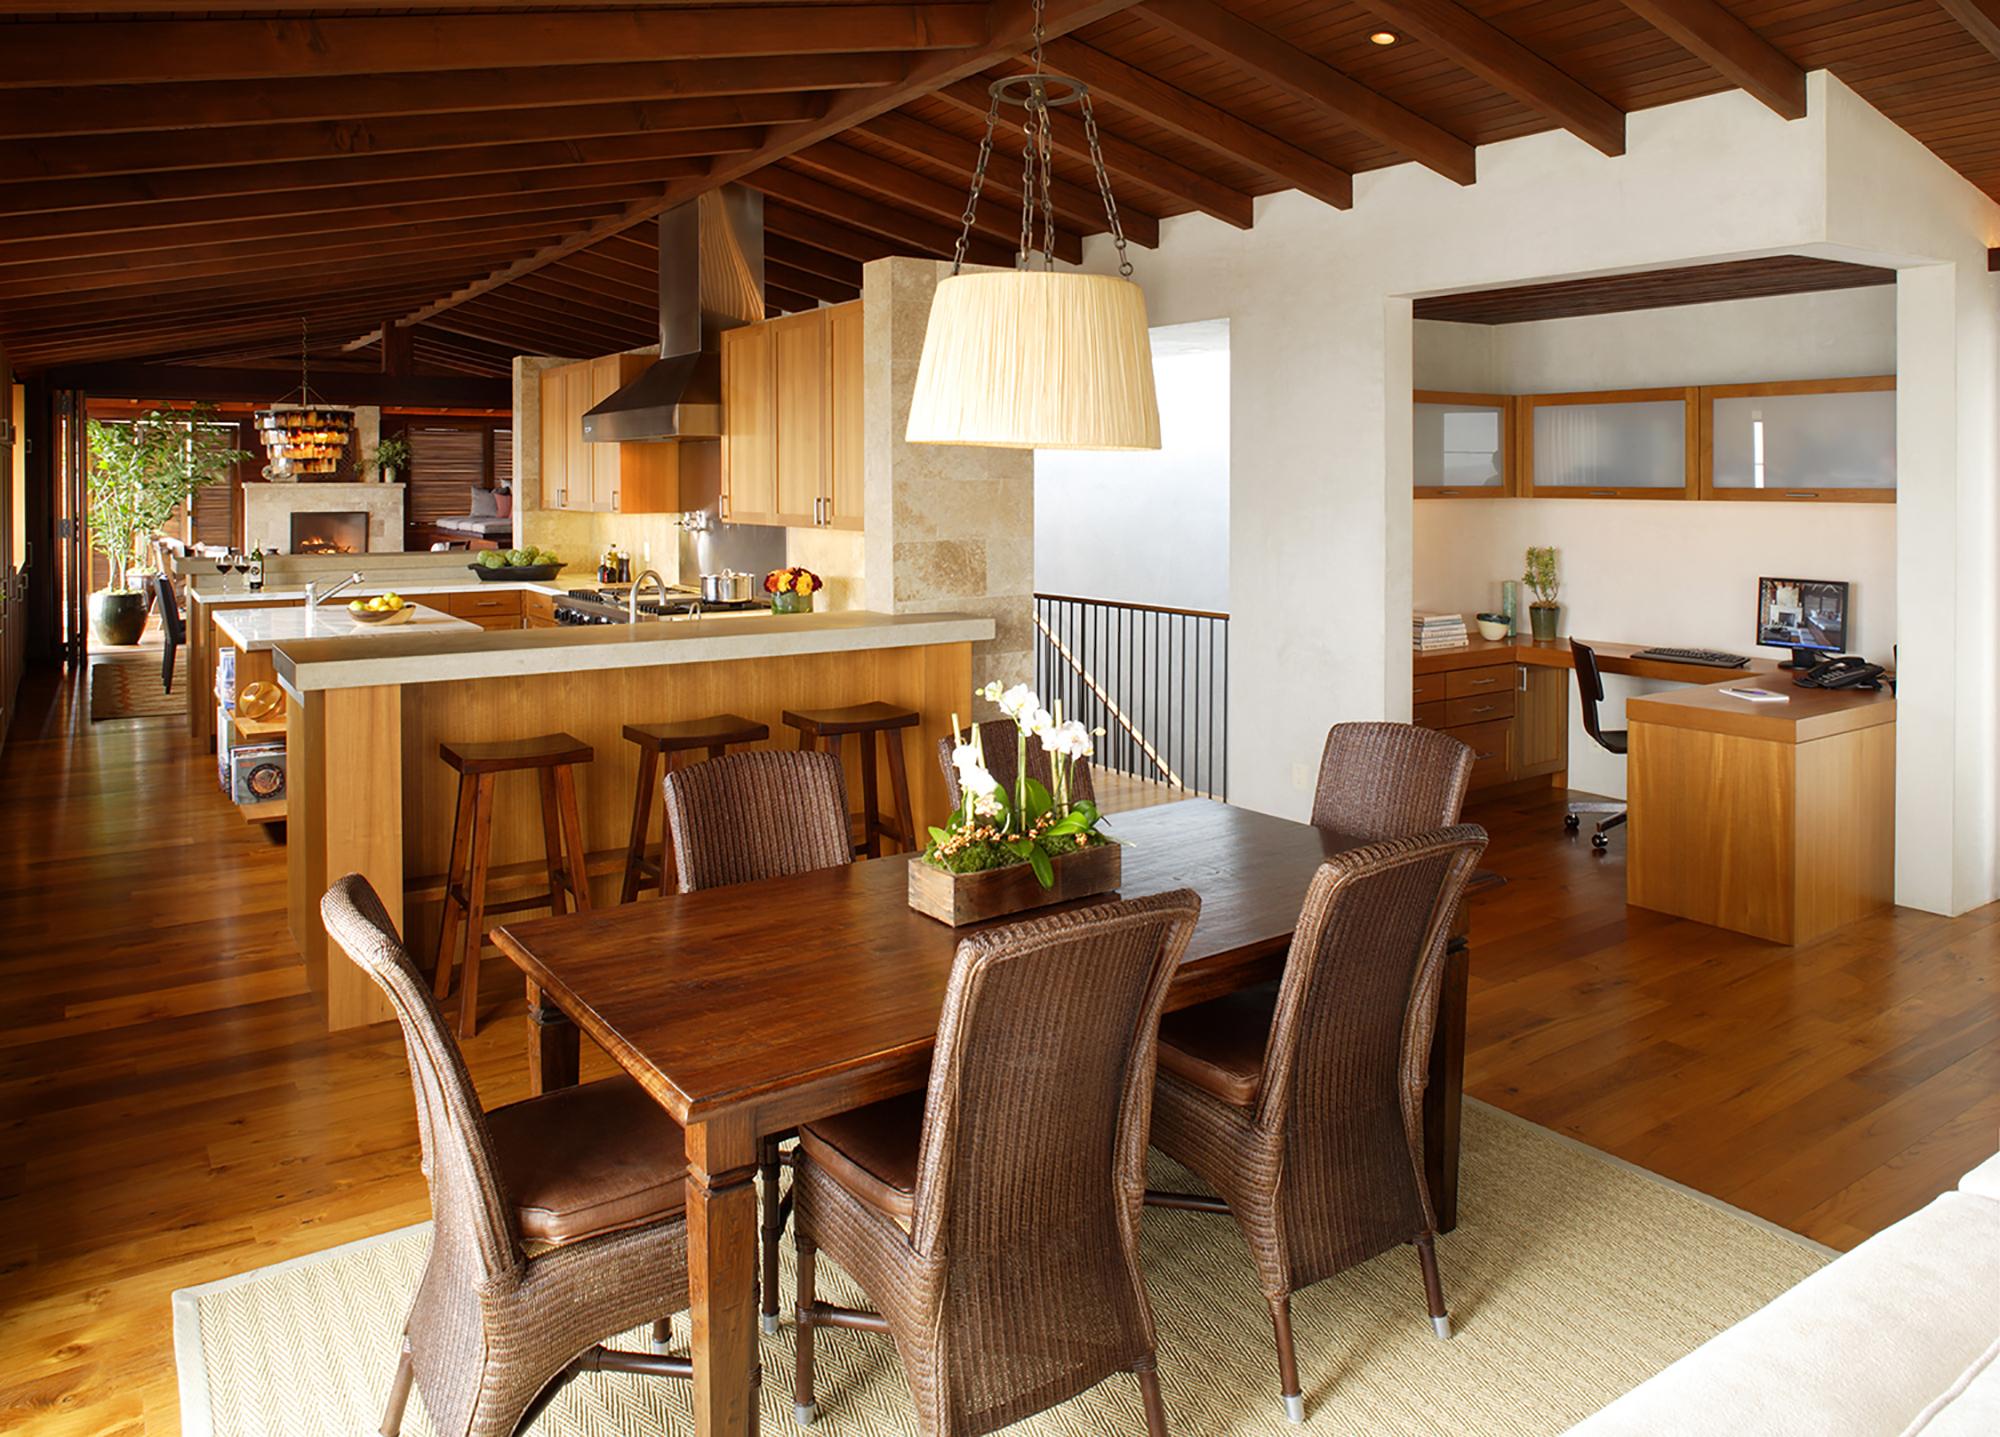 7th+Street+Header+Image+-+Breakfast+Kitchen+Cropped.jpg